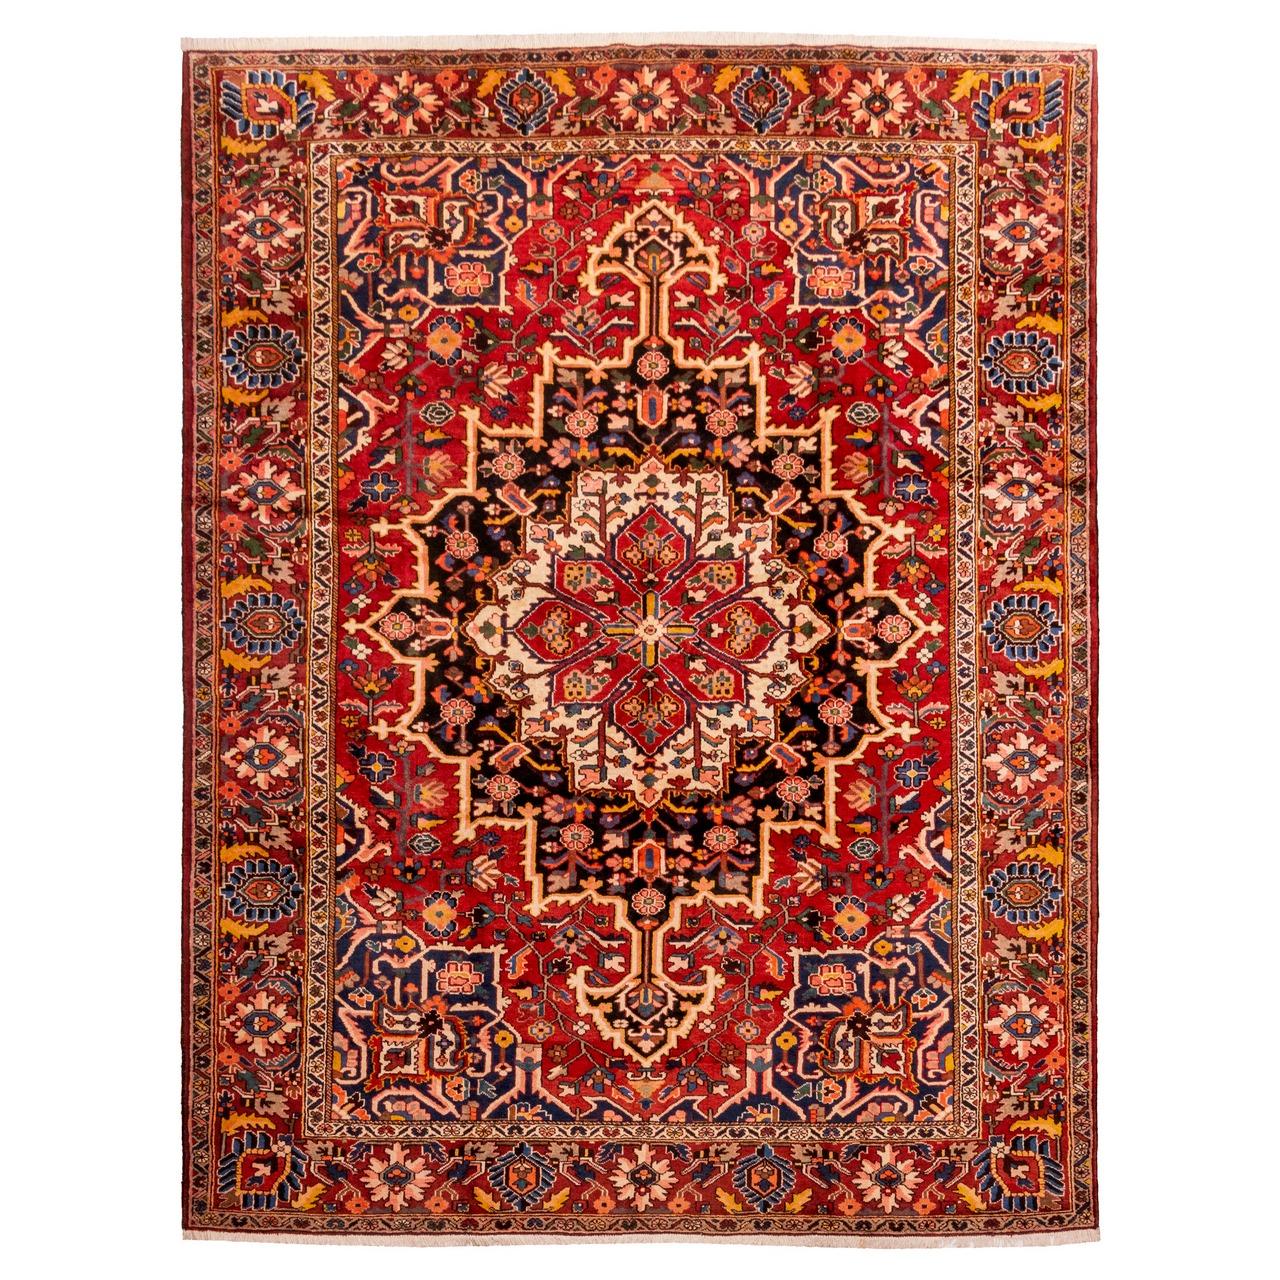 فرش قدیمی دستباف دوازده و نیم متری سی پرشیا کد 102410